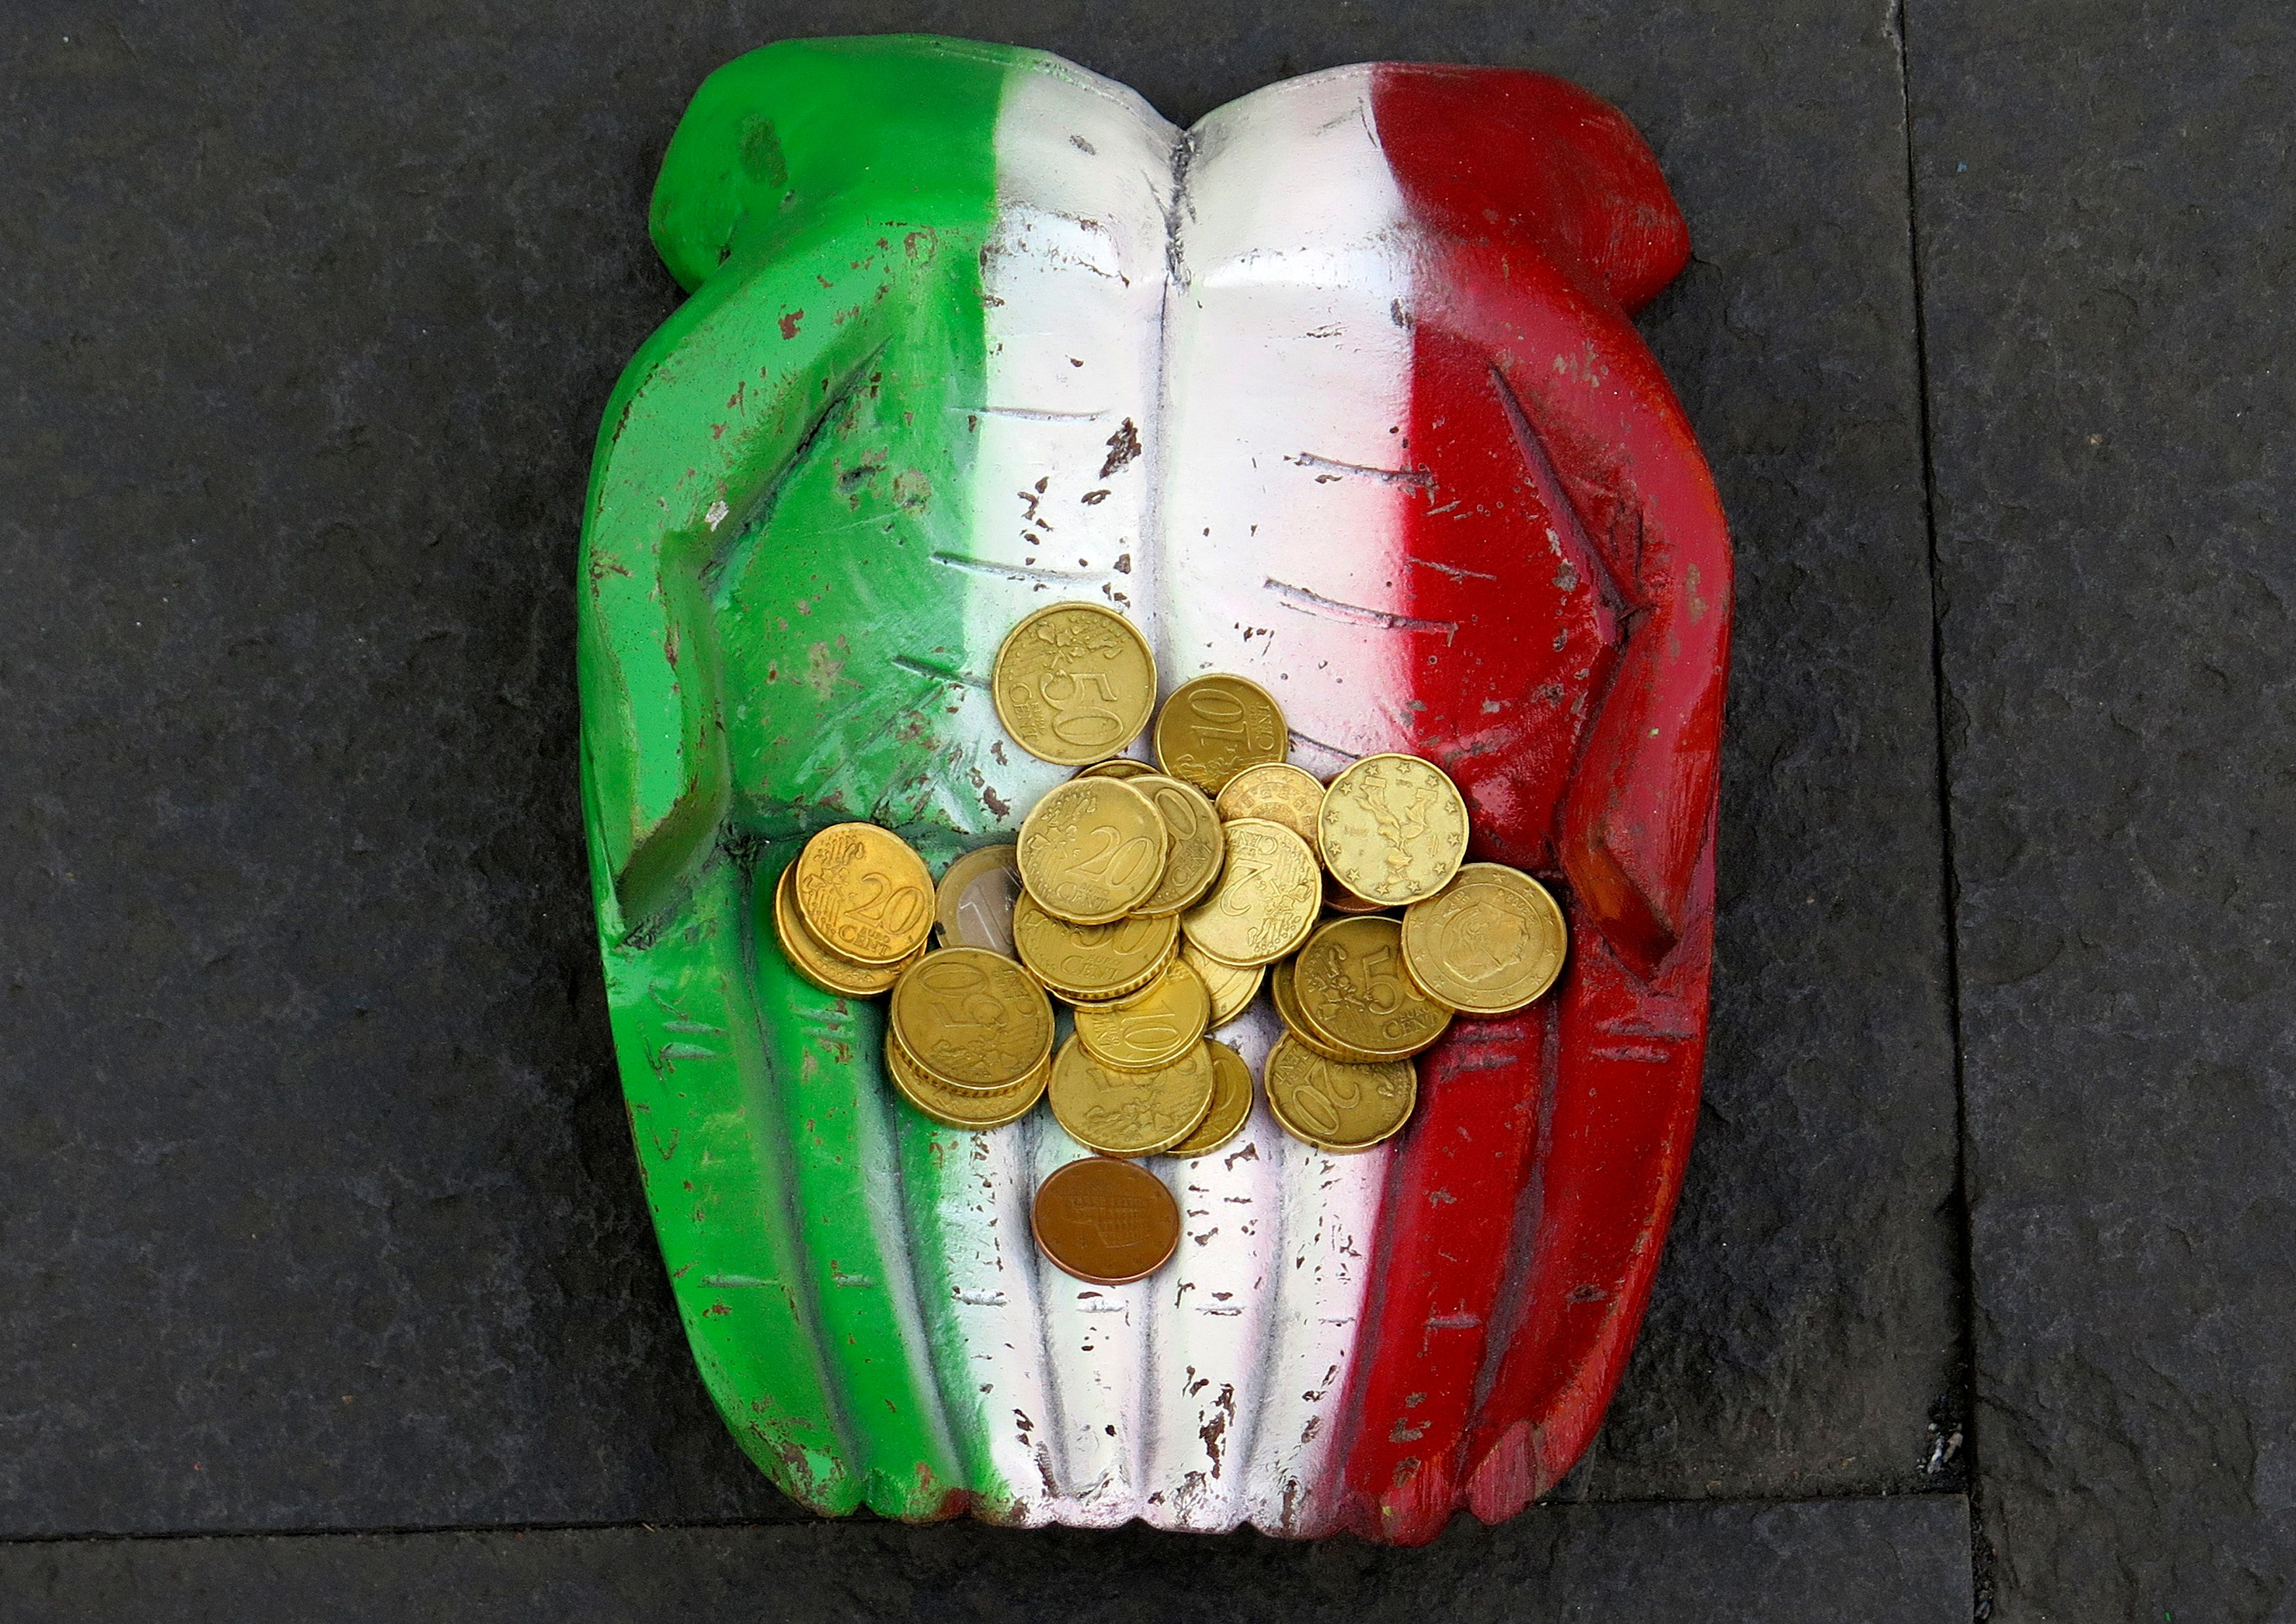 L'UE saura-t-elle éviter les erreurs du passé face aux menaces de récession qui pèsent sur l'Italie ?